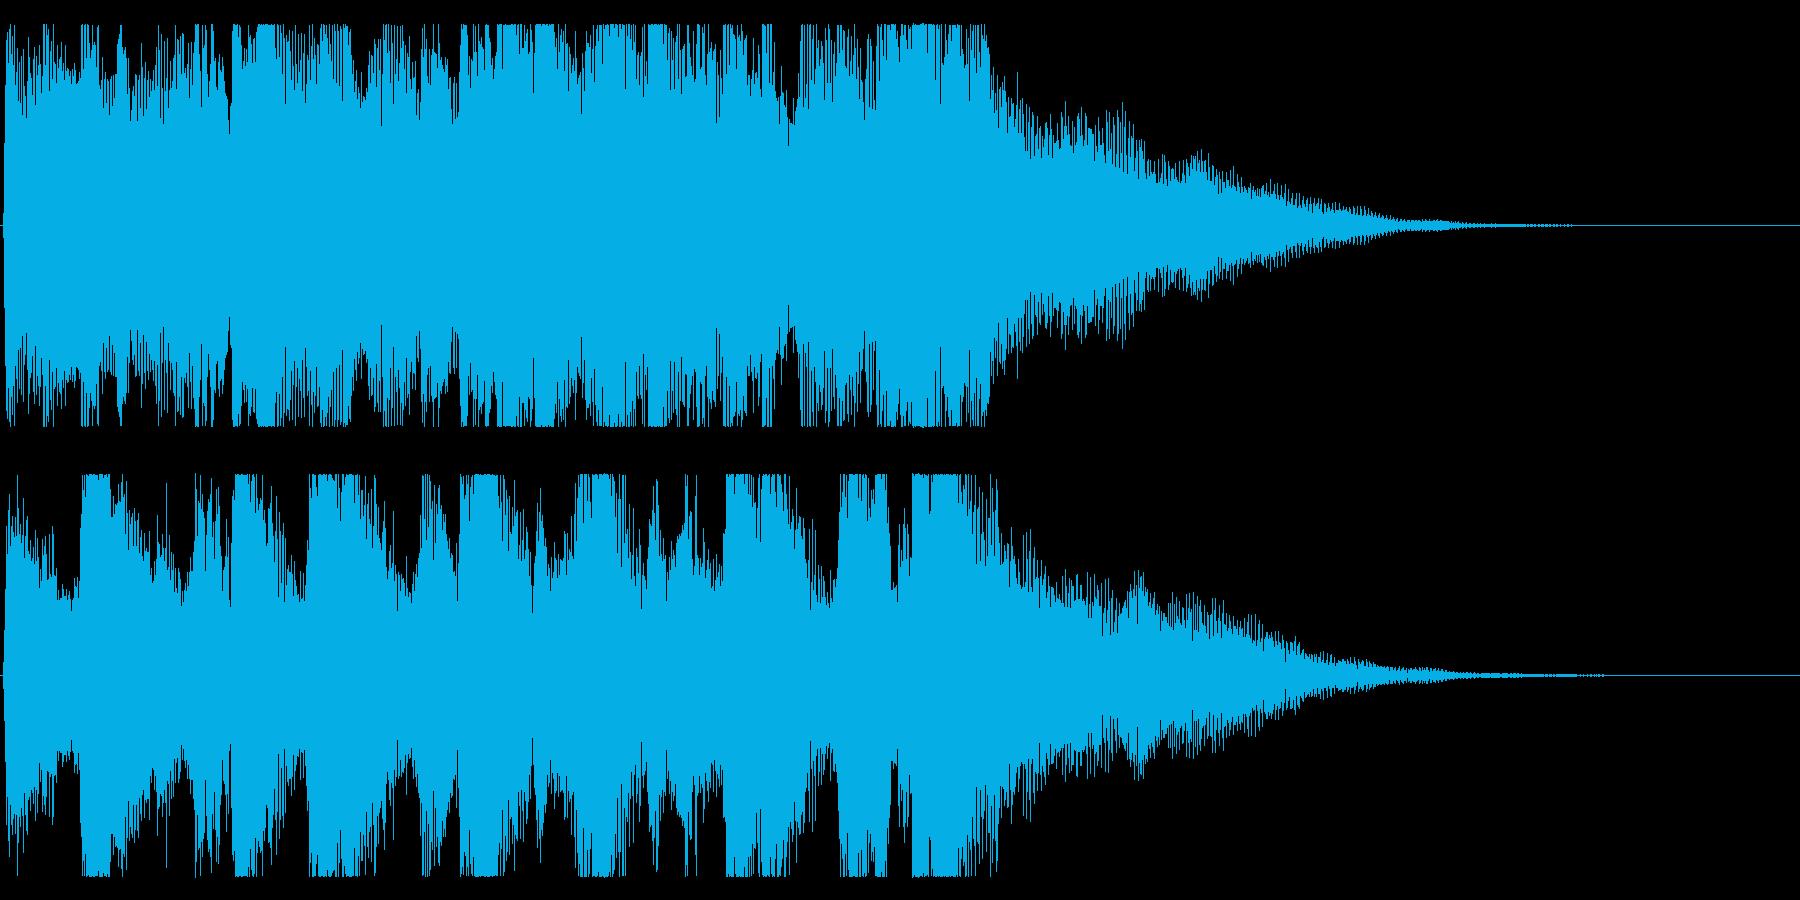 ミステリアスなピアノ 場面転換 切り替えの再生済みの波形